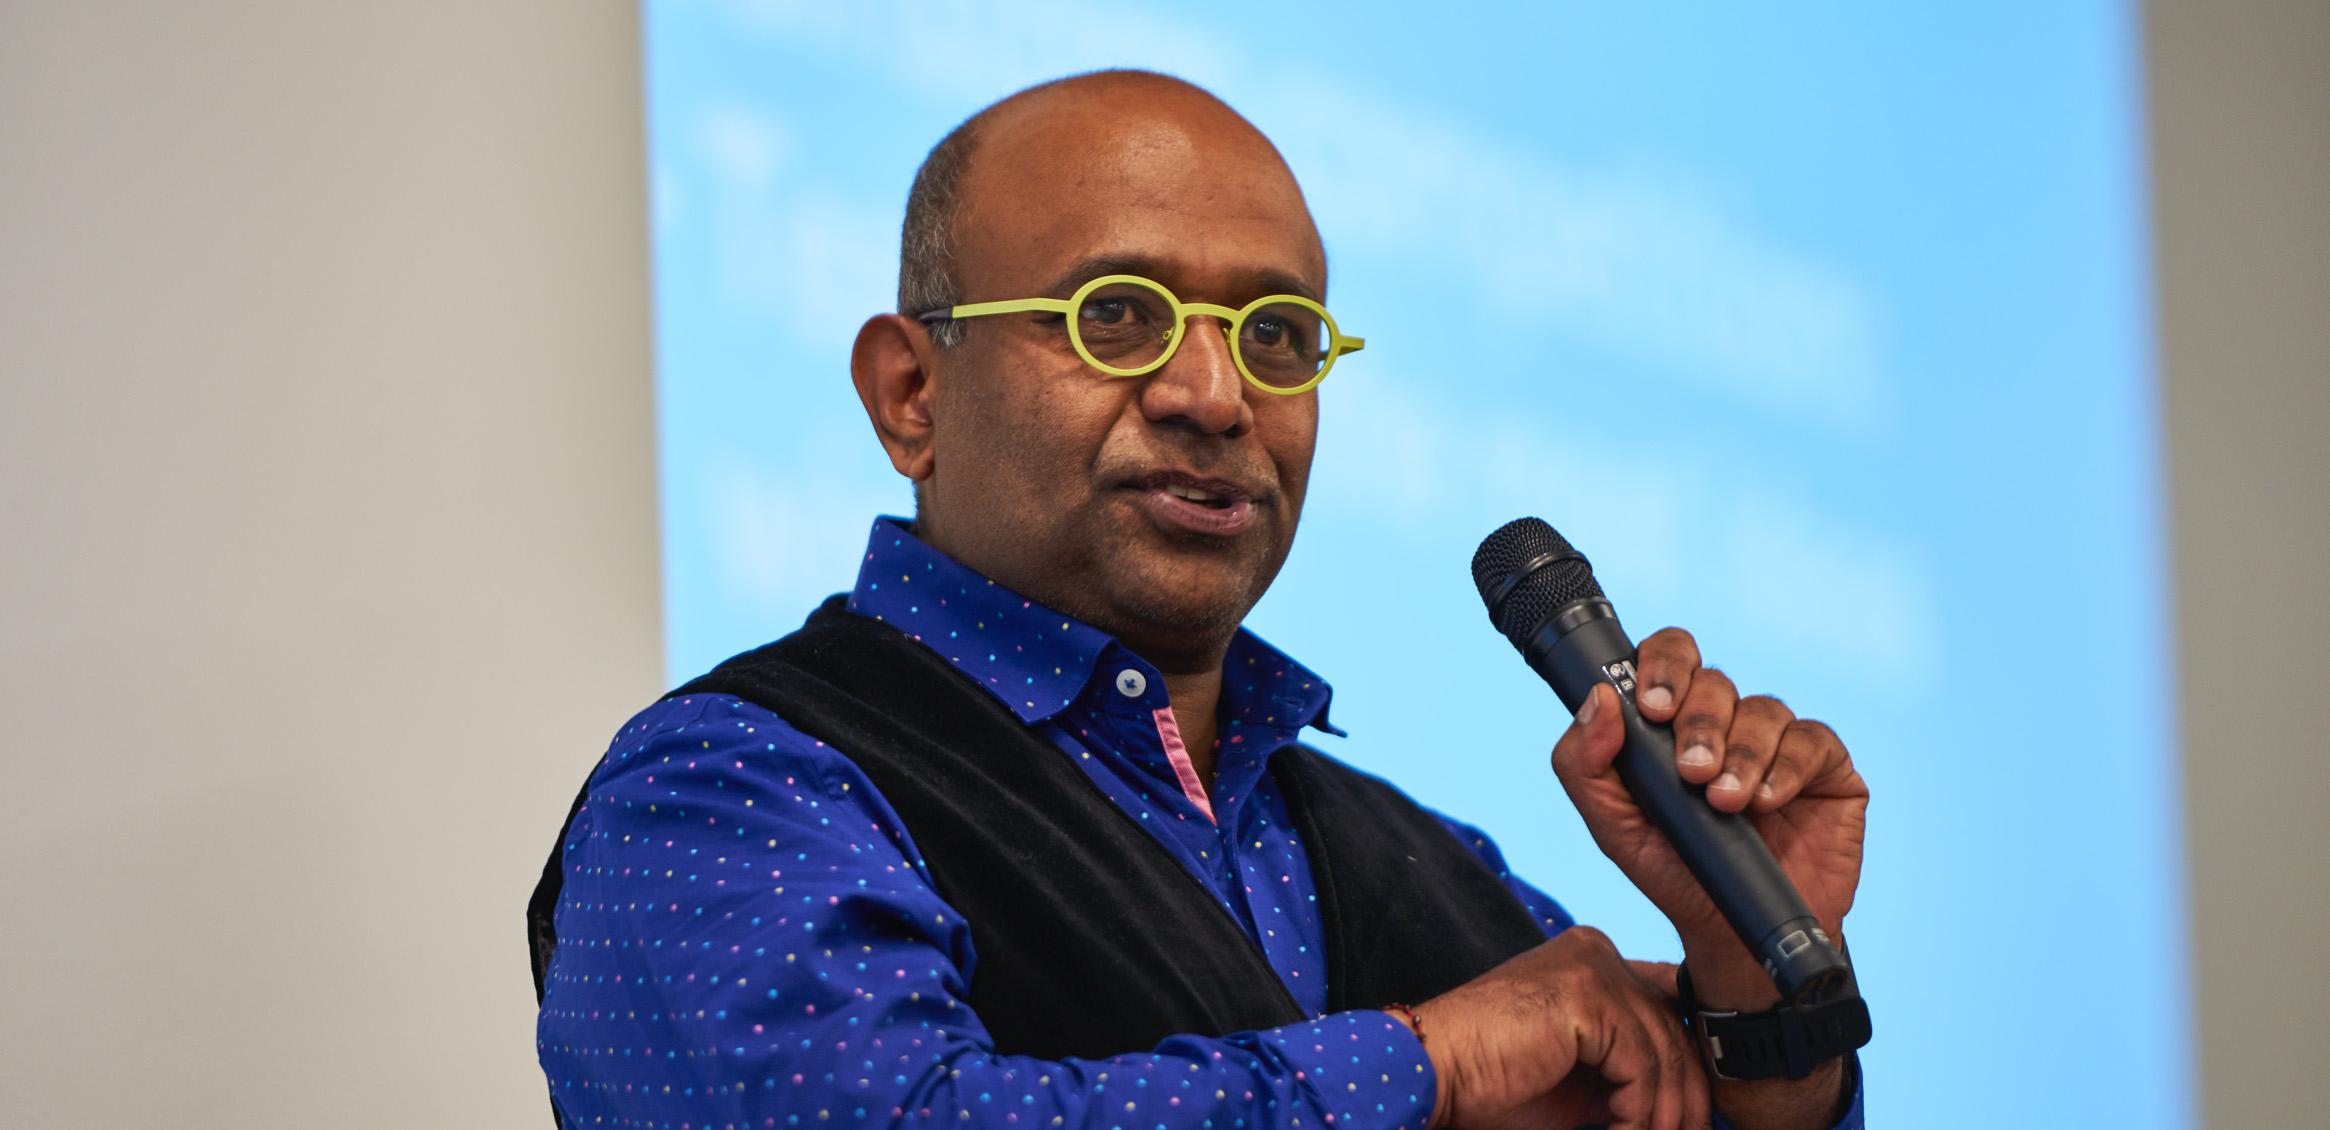 Surya Vanka デザインシンキングを広めて 世界中のクリエティブエネルギーを活かしたい